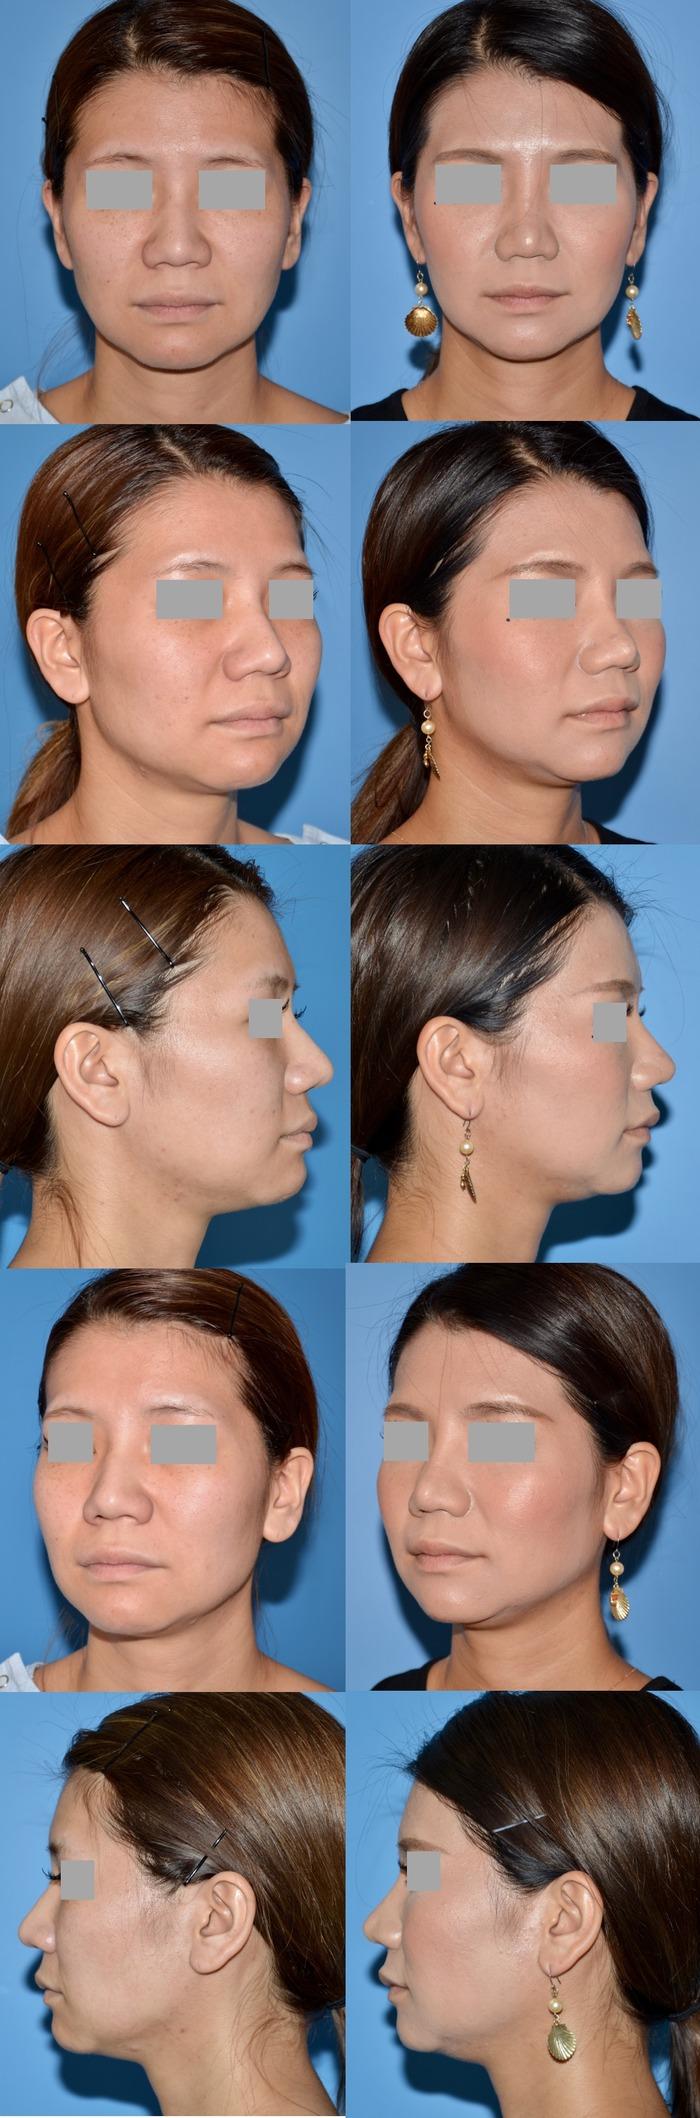 鼻尖縮小術鼻翼縮小術os 術後4ヶ月